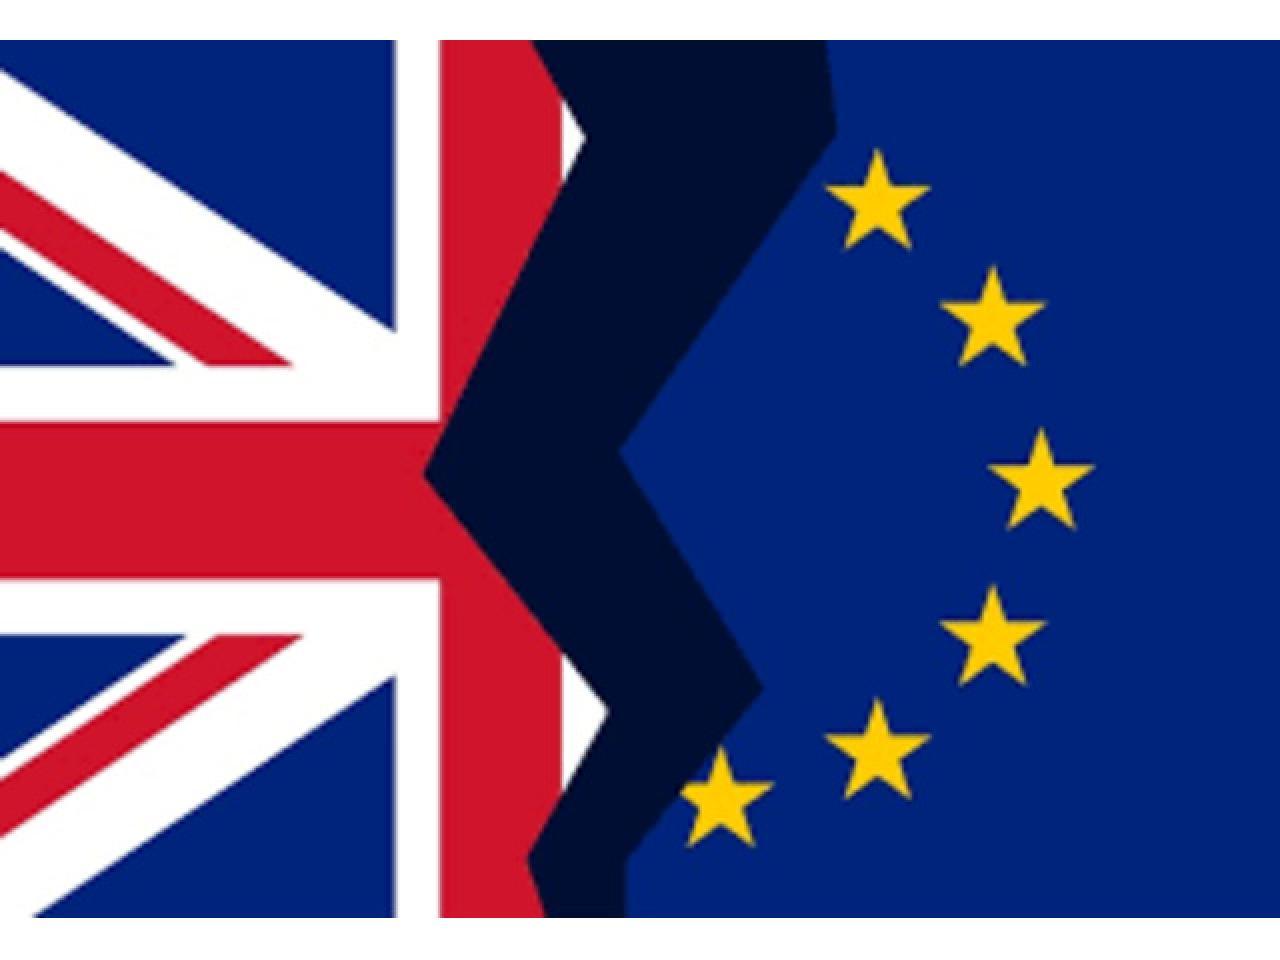 высшеe образования в Англии (финансированные правителъством Для EU/UK) - 1